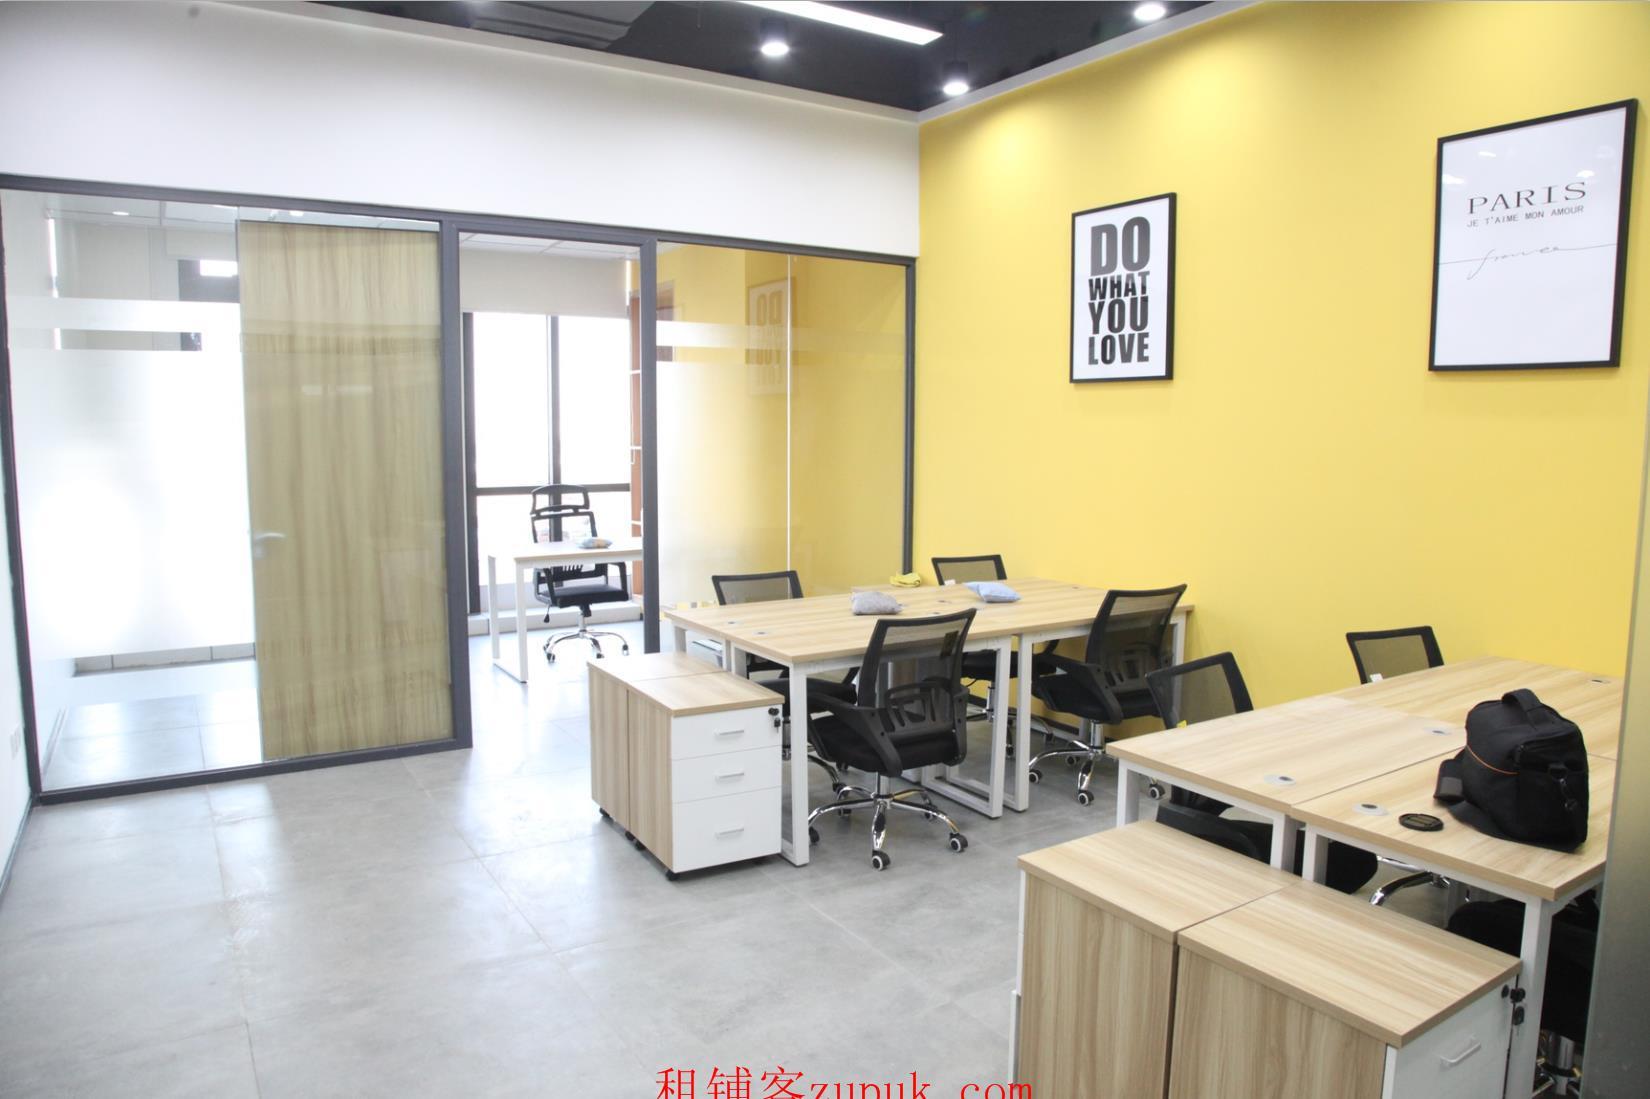 布吉创意小镇,980元小型工作室,0杂费办公,可注册公司